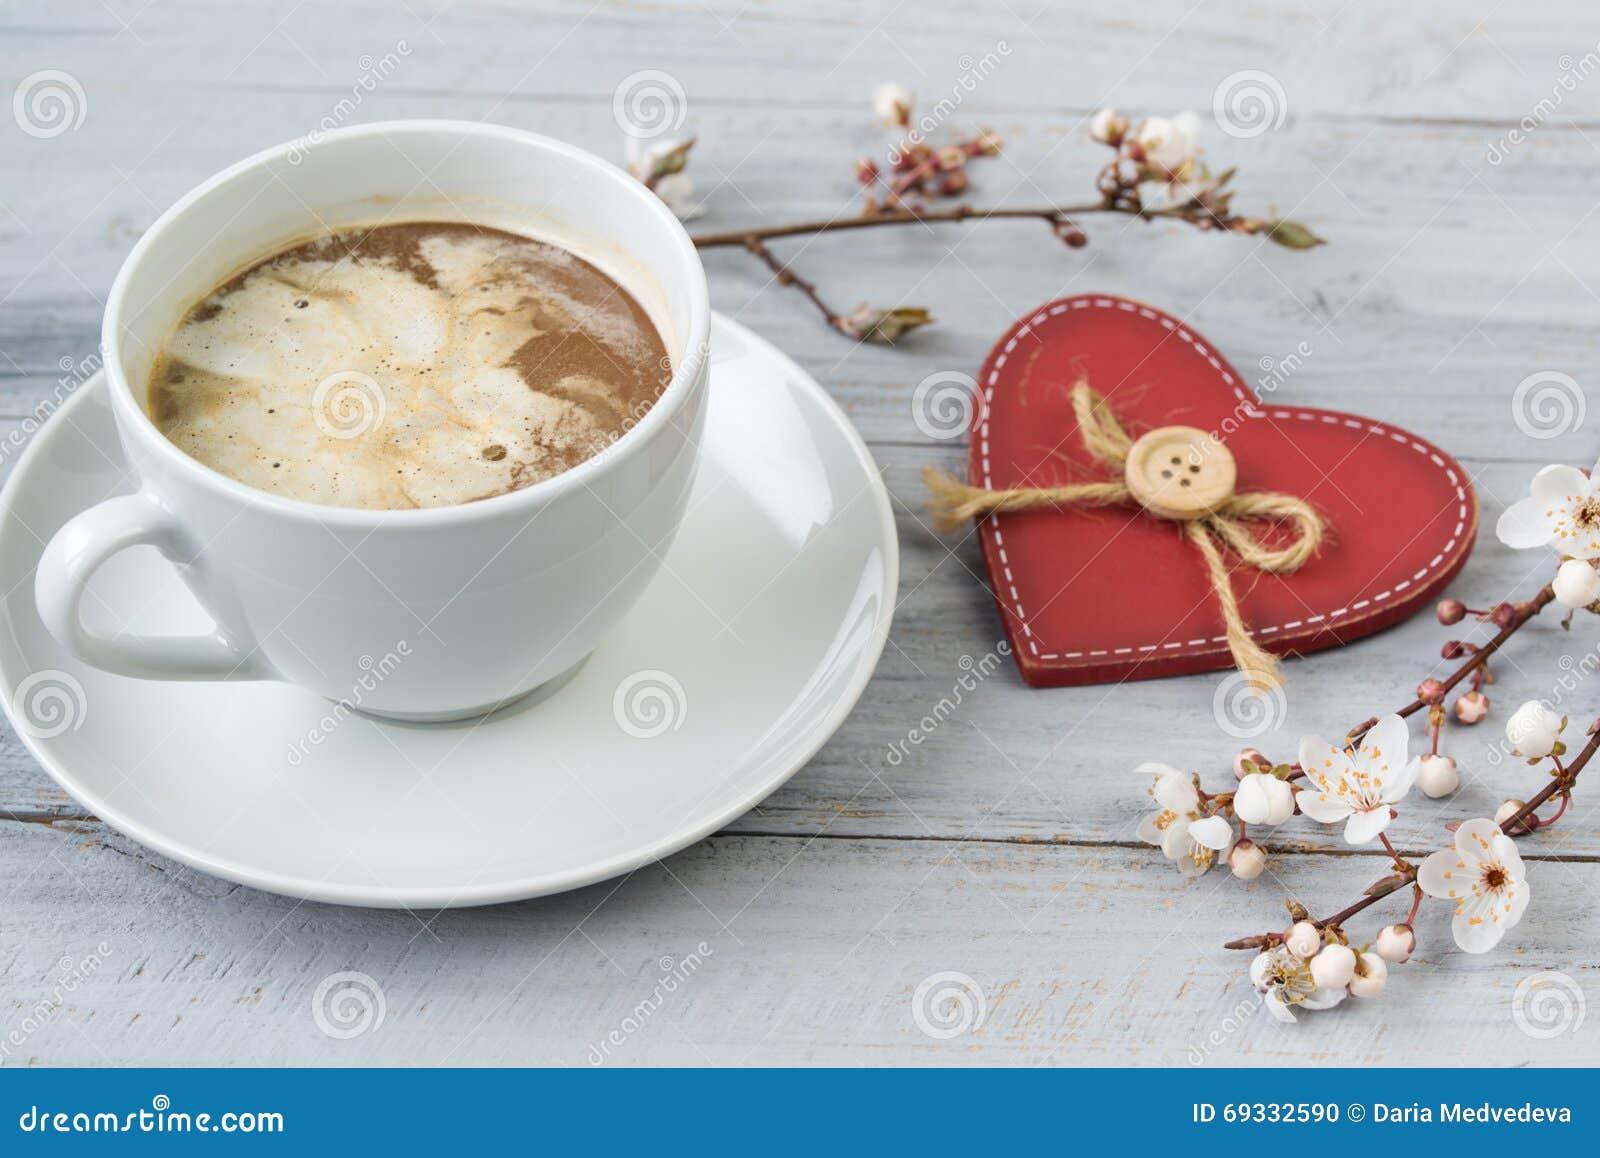 La Tazza Di Caffè Con Cuore Crema E Rosso, Sulla Tavola Di Legno ...